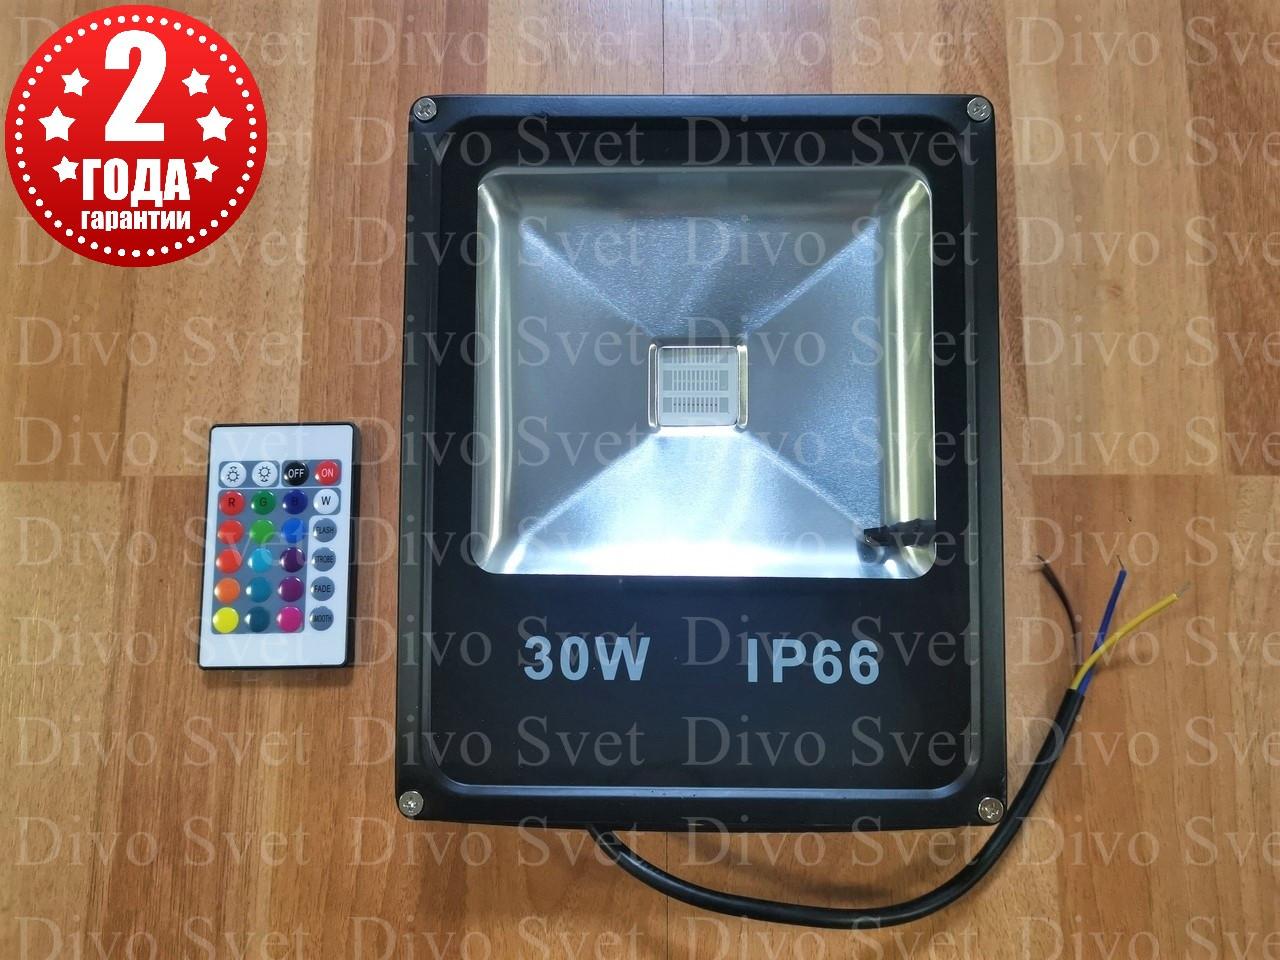 LED прожектор RGB 30 W.(2 Варианта) Цветные светодиодные прожекторы для подсветки РГБ 30 Вт, с пультом